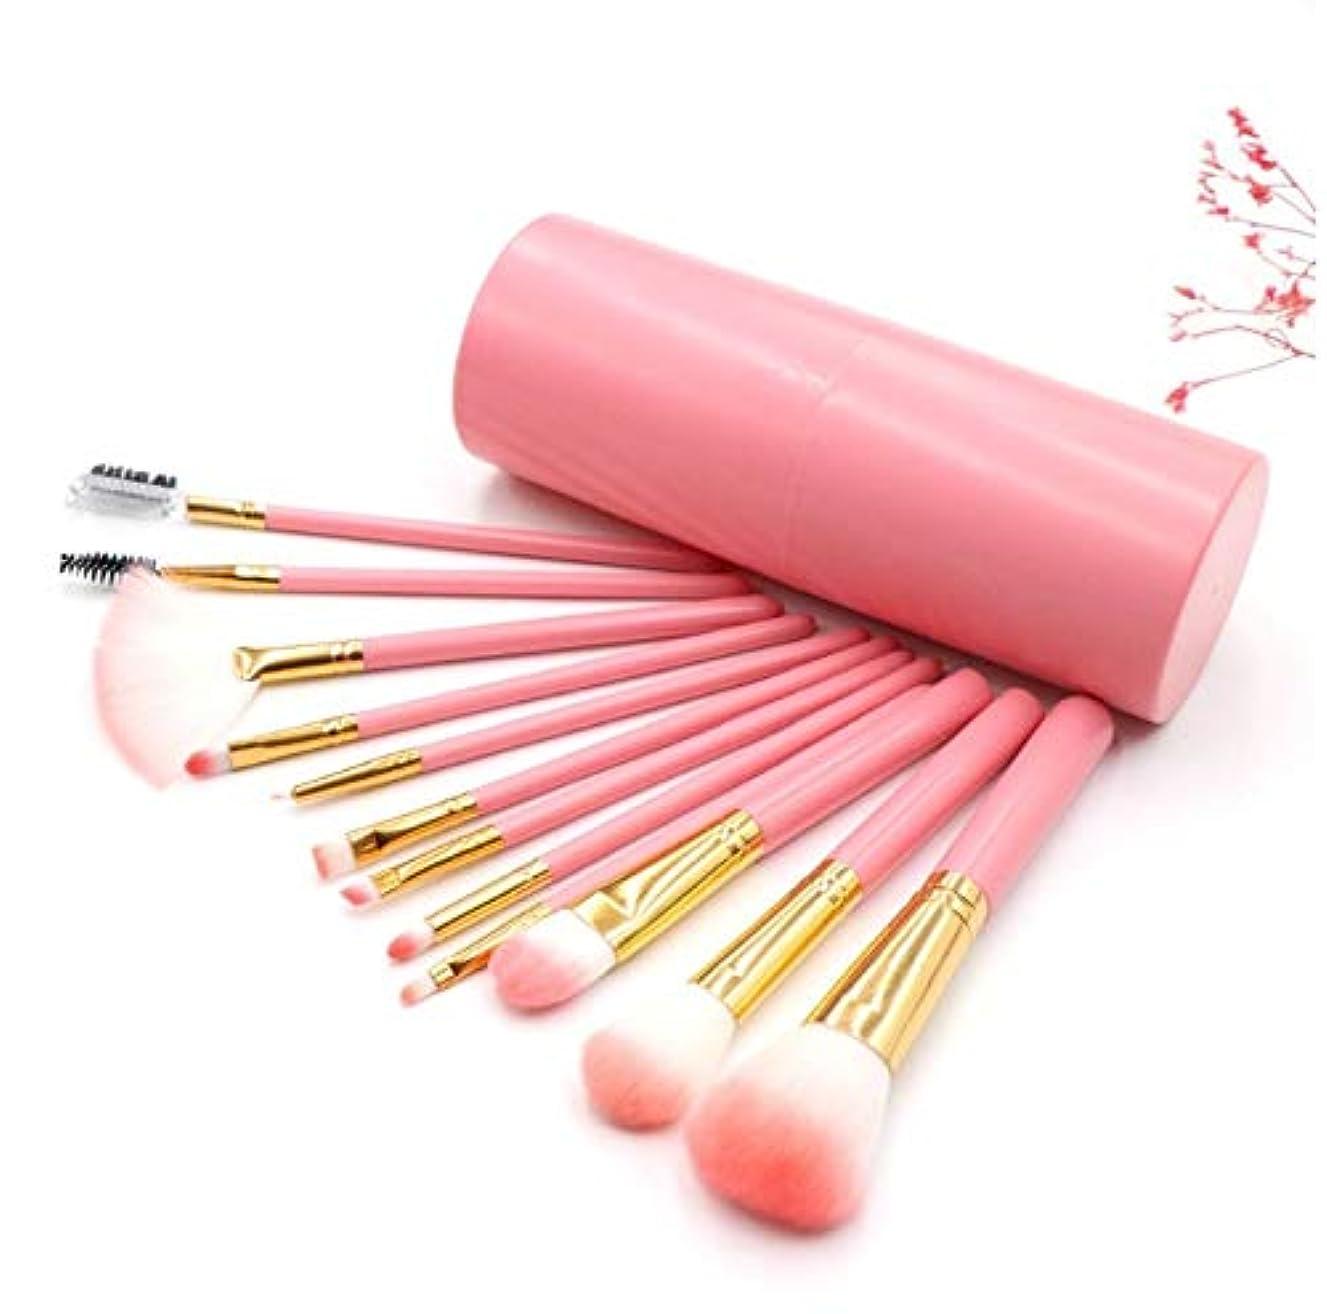 平衡ルール姪化粧ブラシセット、ピンク12化粧ブラシバケツブラシセットアイシャドウブラシリップブラシ美容化粧道具